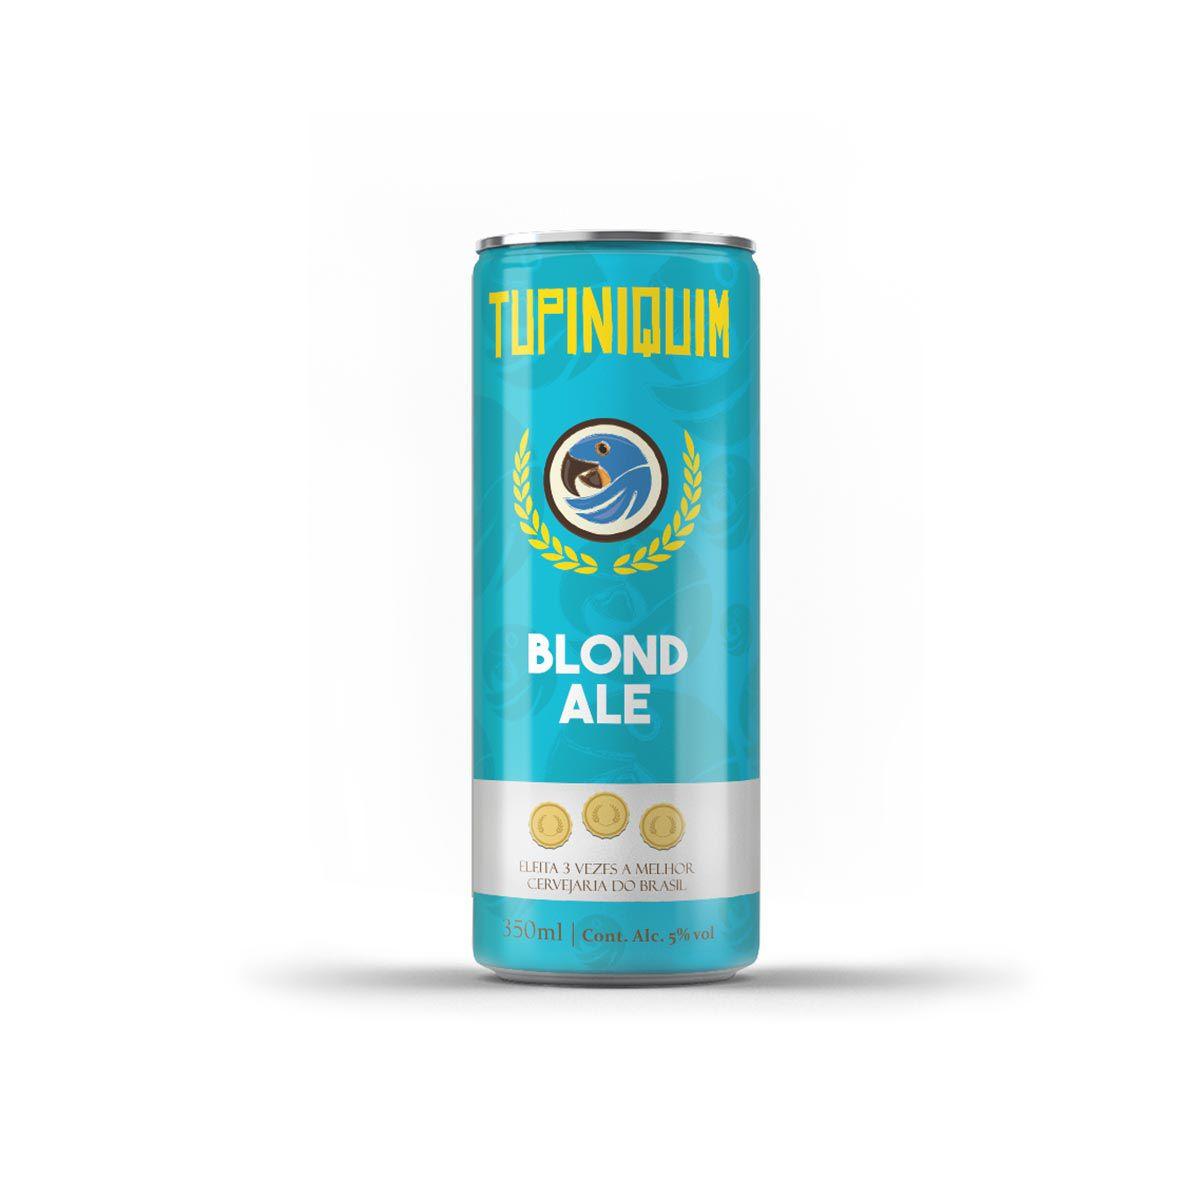 Tupiniquim Blond Ale 350ml